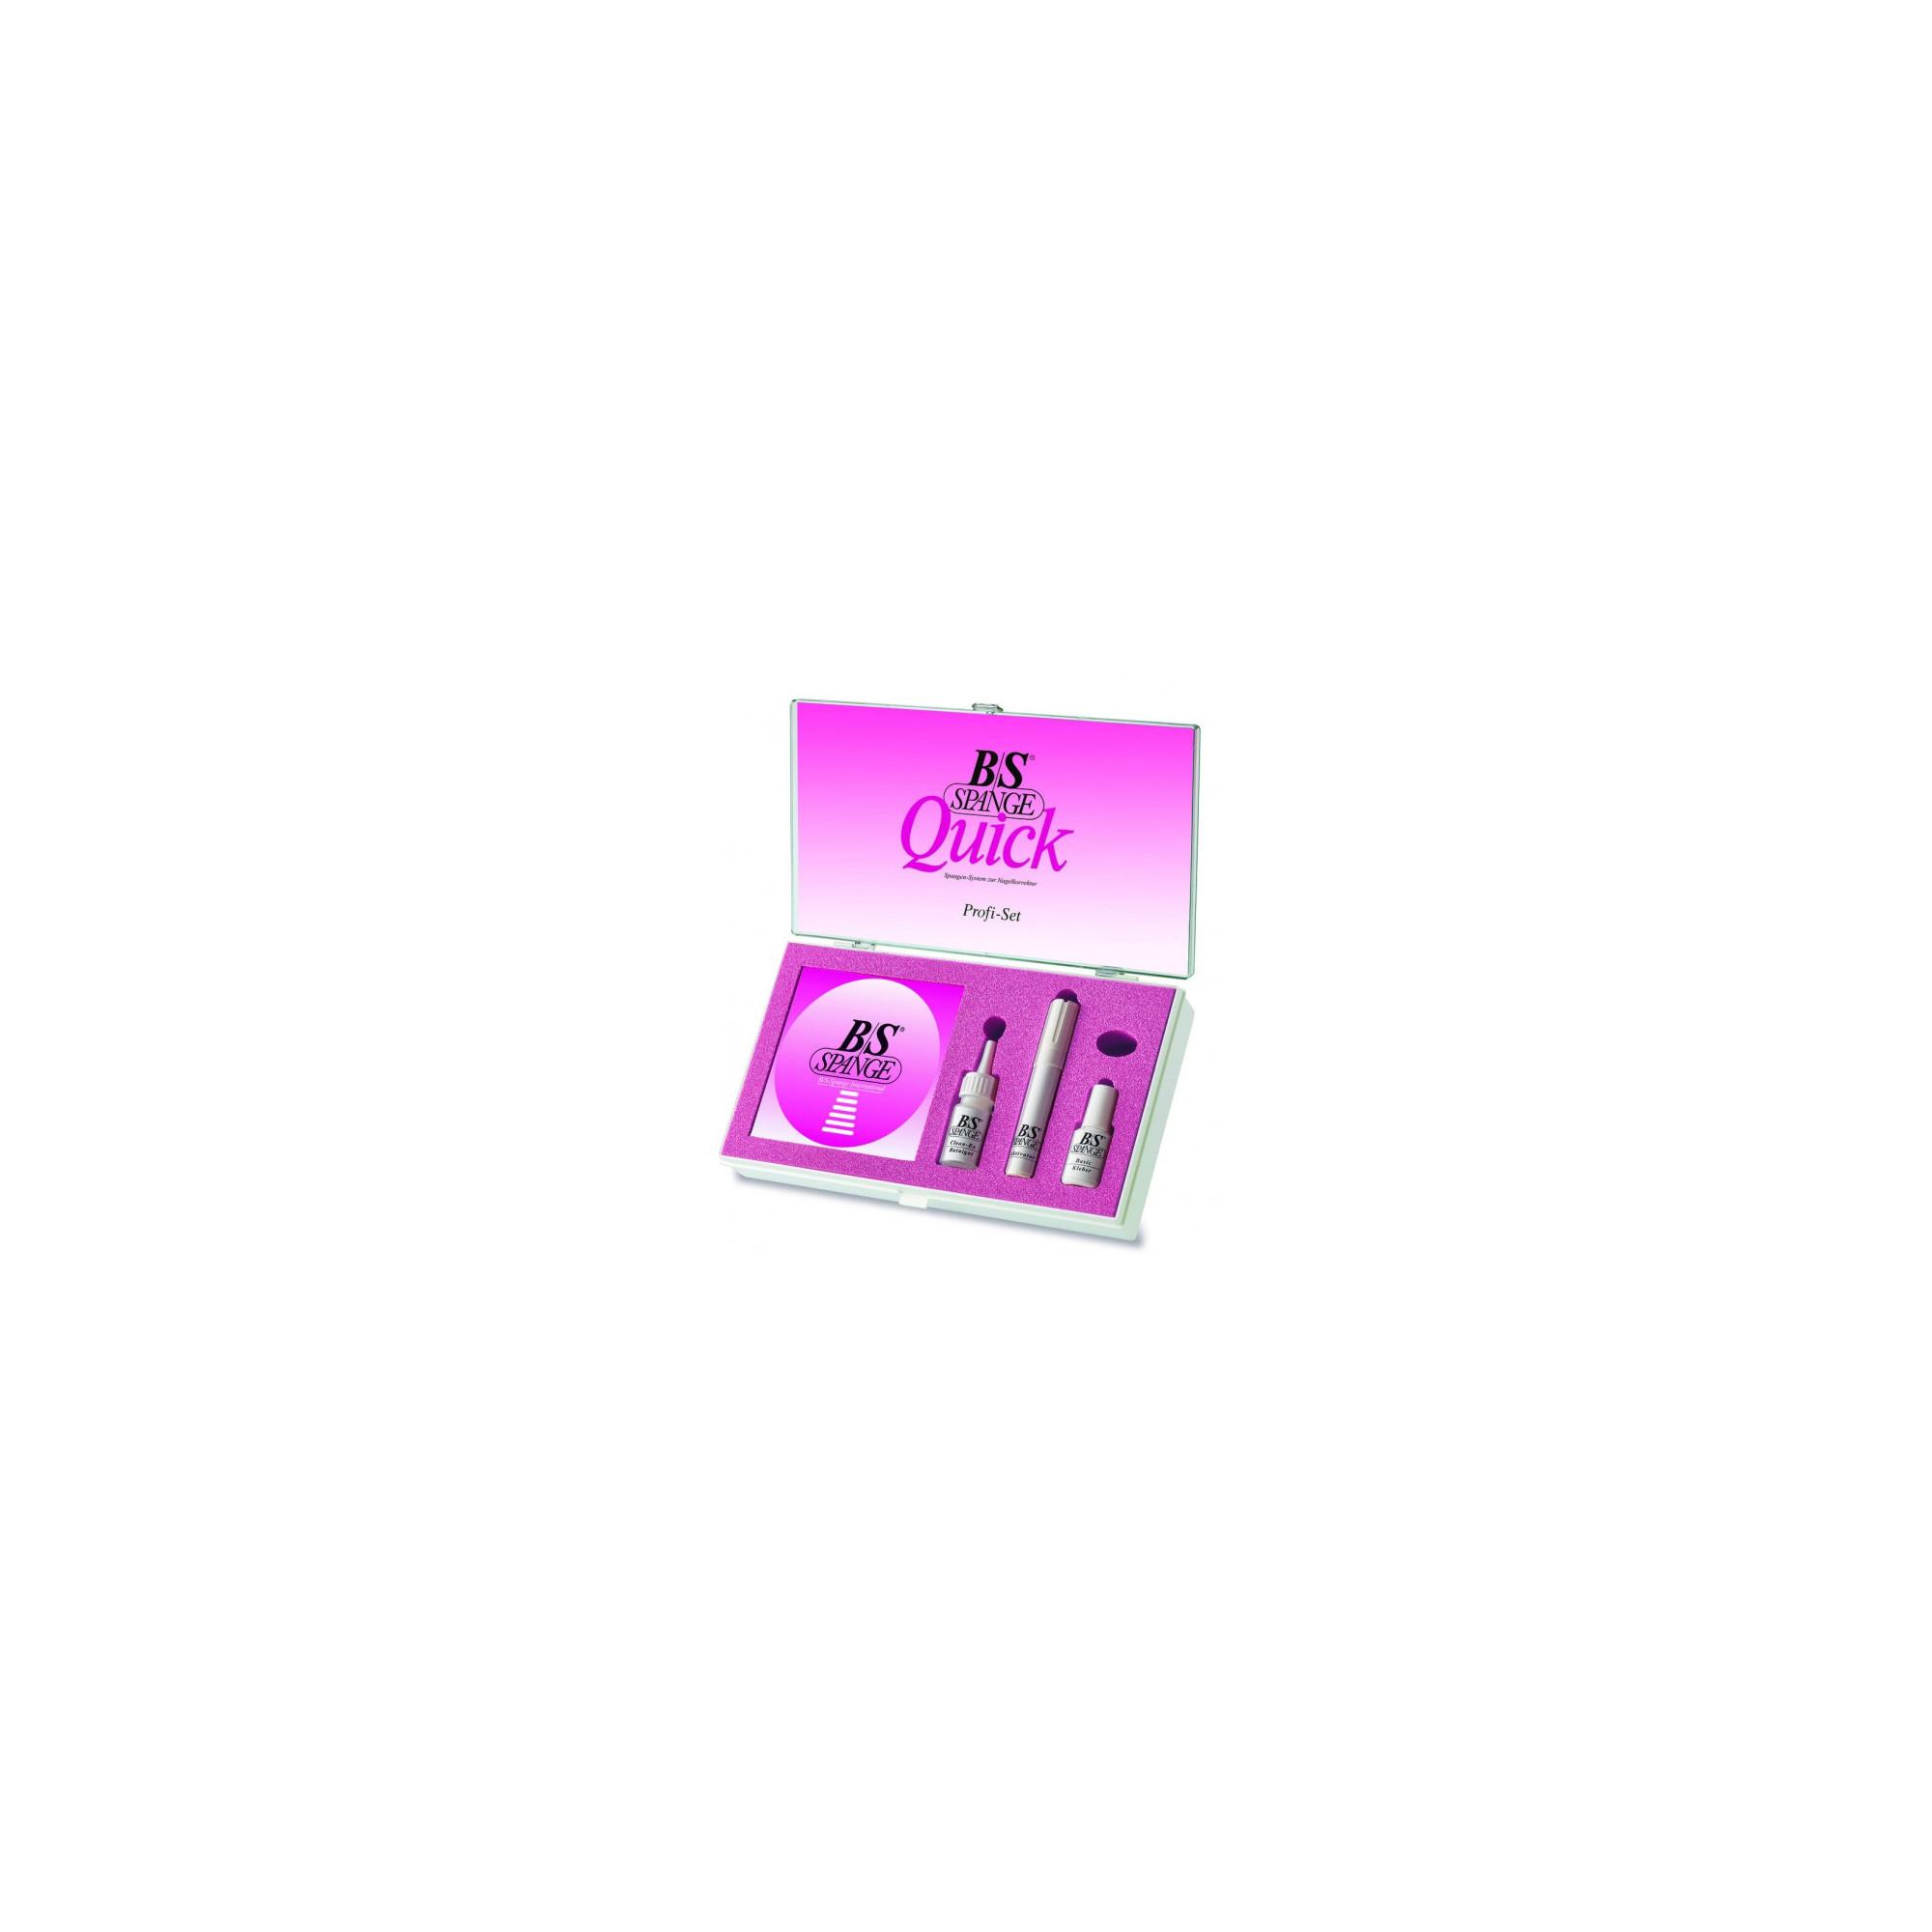 Boîte professionnelle B/S Quick - Profi Set - x30 languettes B/S Quick